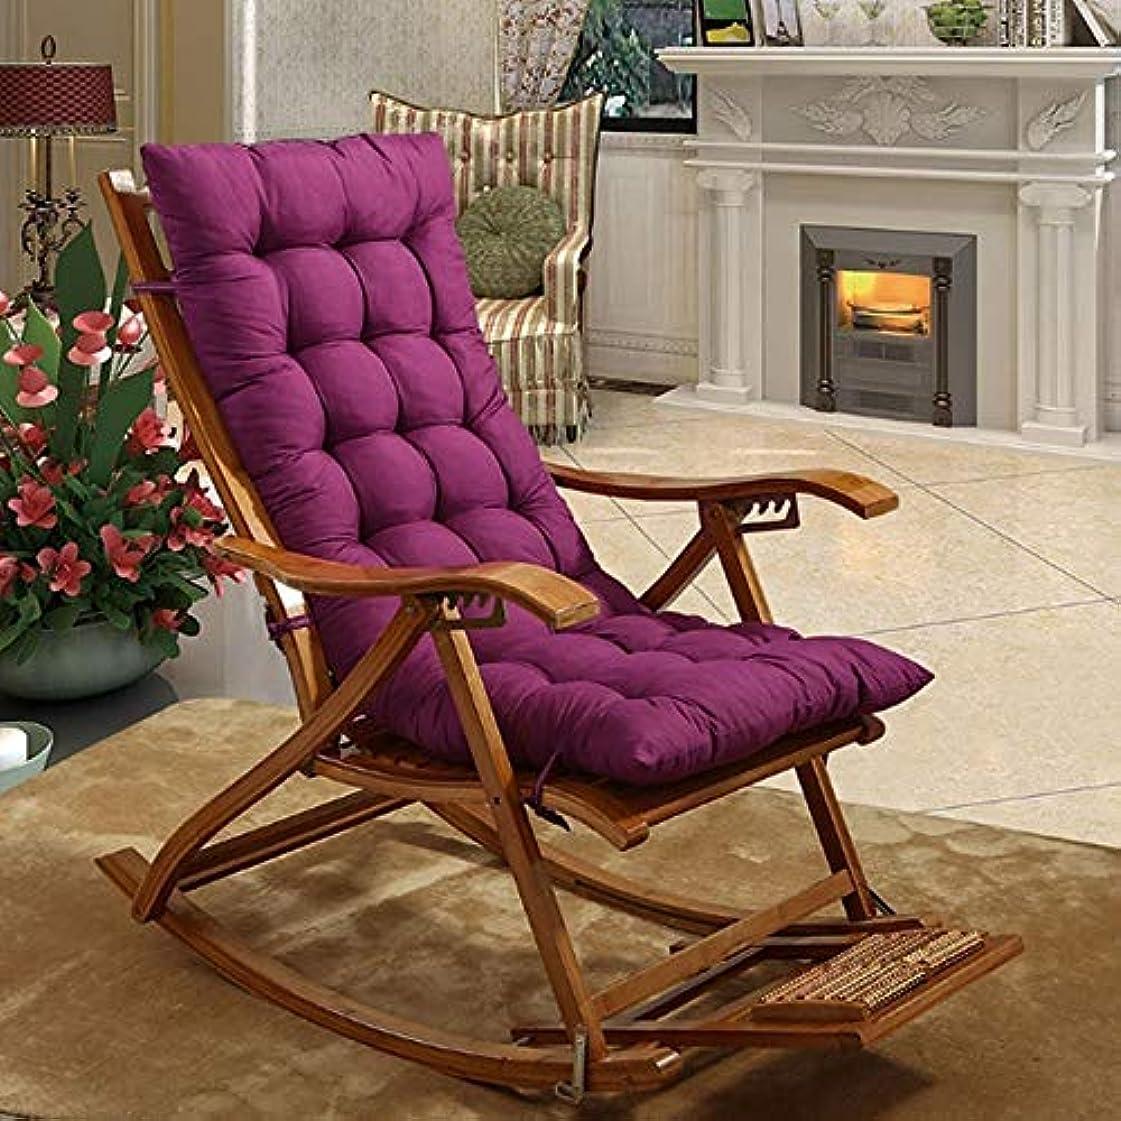 感情の長さ欠席LIFE 48 × 120 センチメートルベンチソファクッション装飾高品質ポリエステル繊維ジャー椅子のクッション暖かい快適な畳マットパッド クッション 椅子